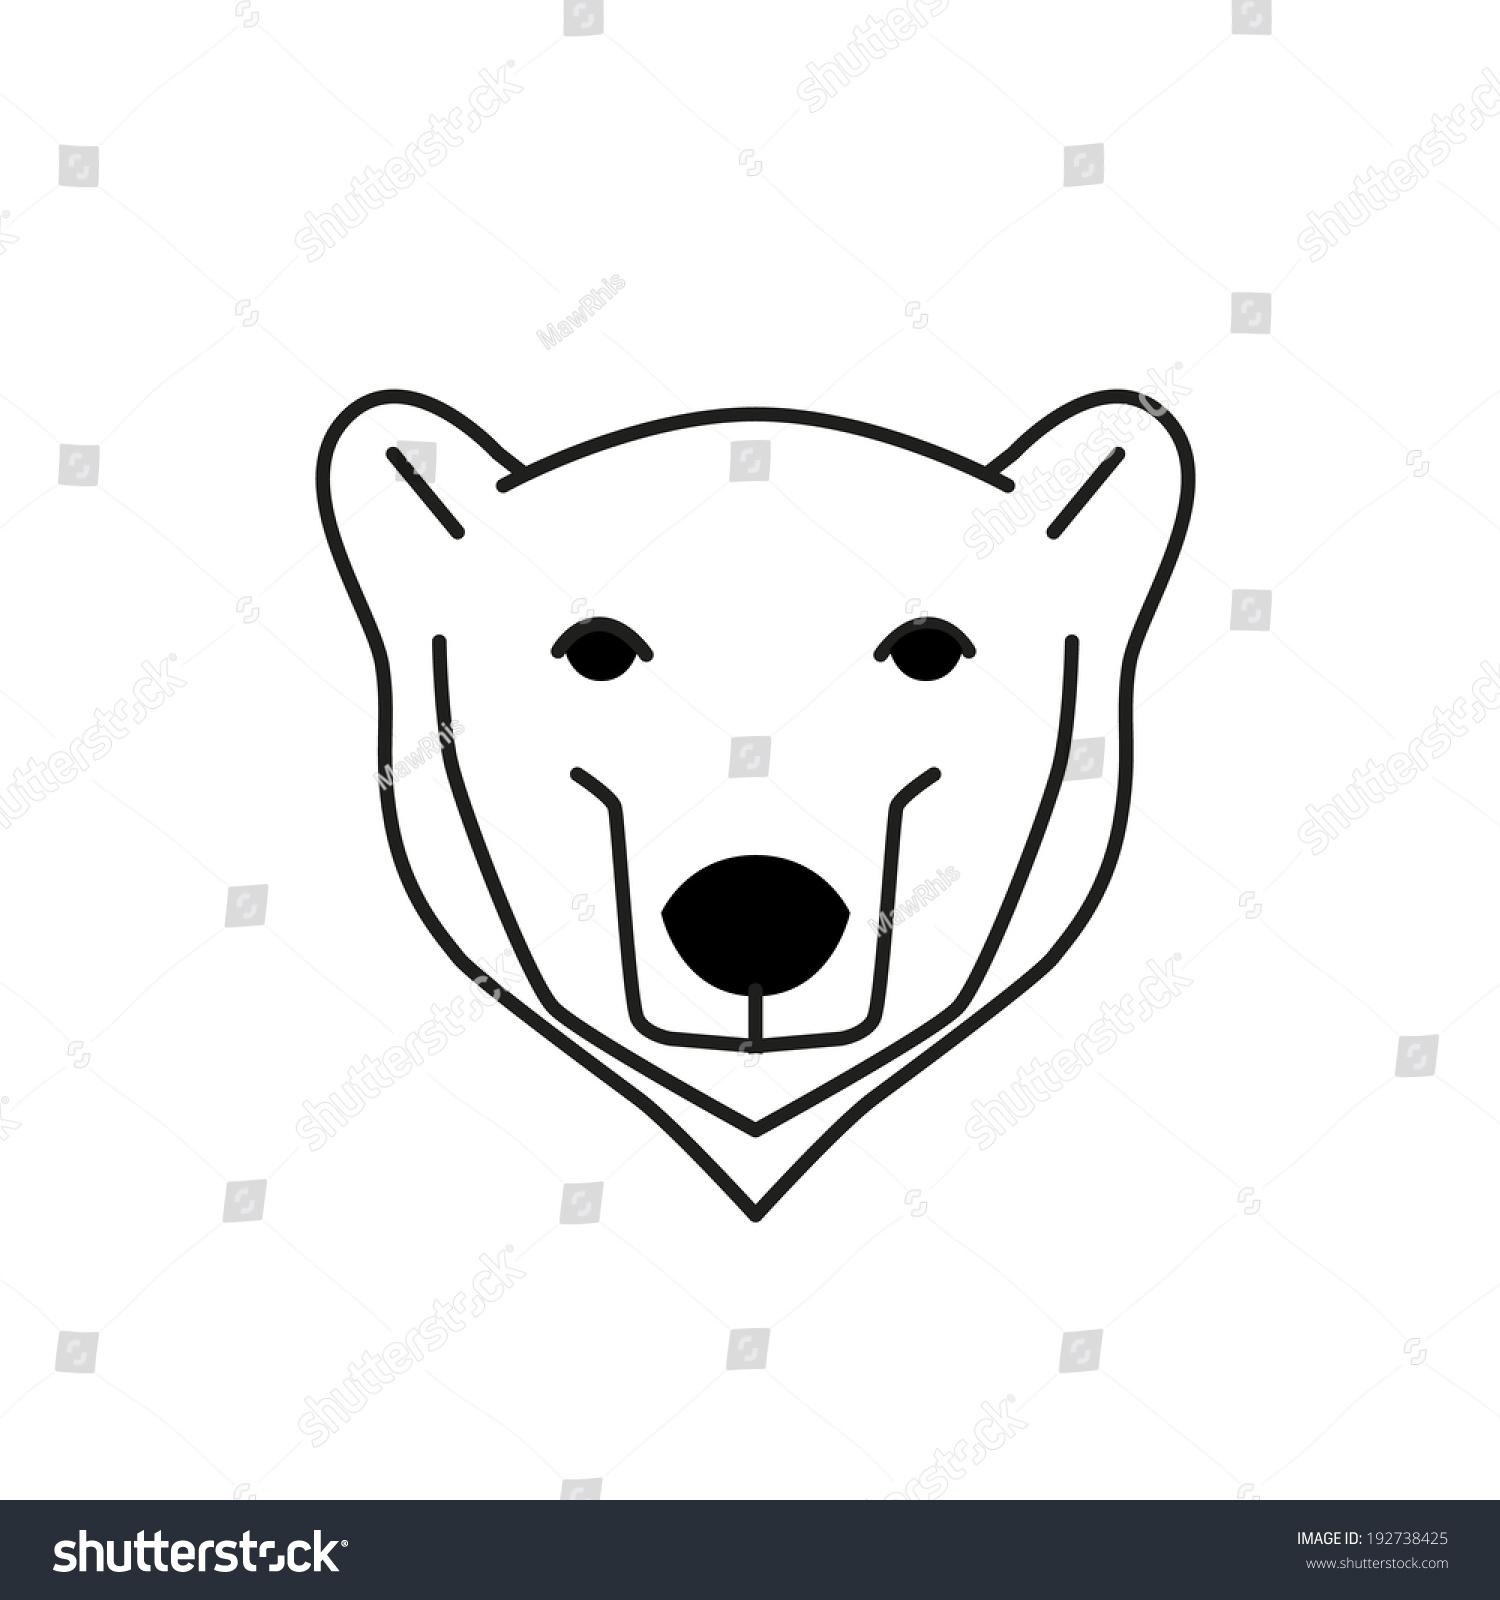 北极熊黑线与白色背景矢量图-动物/野生生物